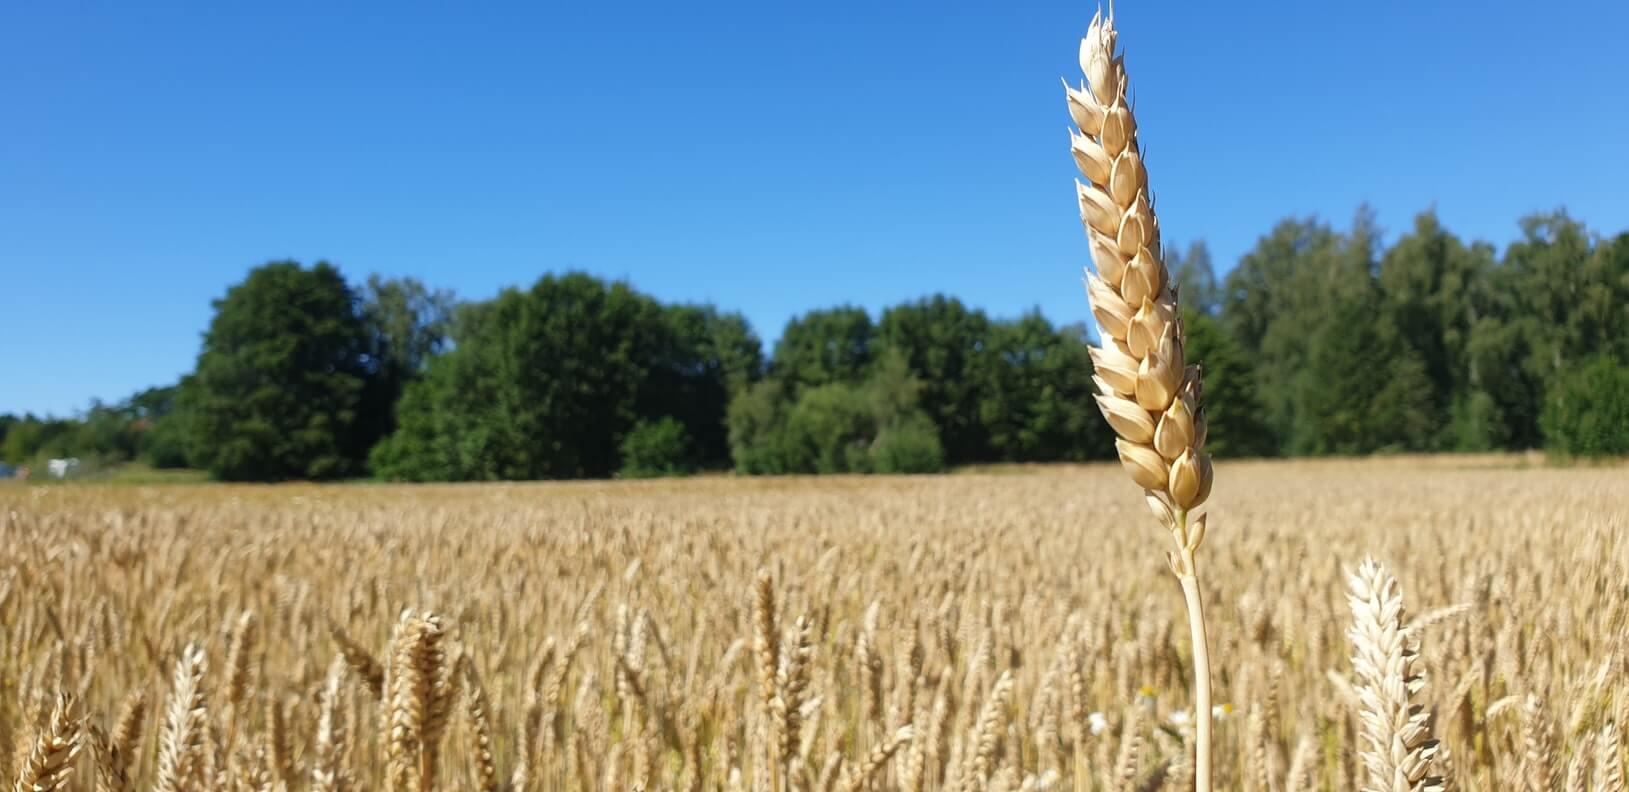 Son yıllarda dünyada yaşanan iklimsel değişim, tarımsal verimliliği olumsuz yönde etkilemeye devam ederken ülkemiz tarımını da ciddi anlamda tehdit ediyor.